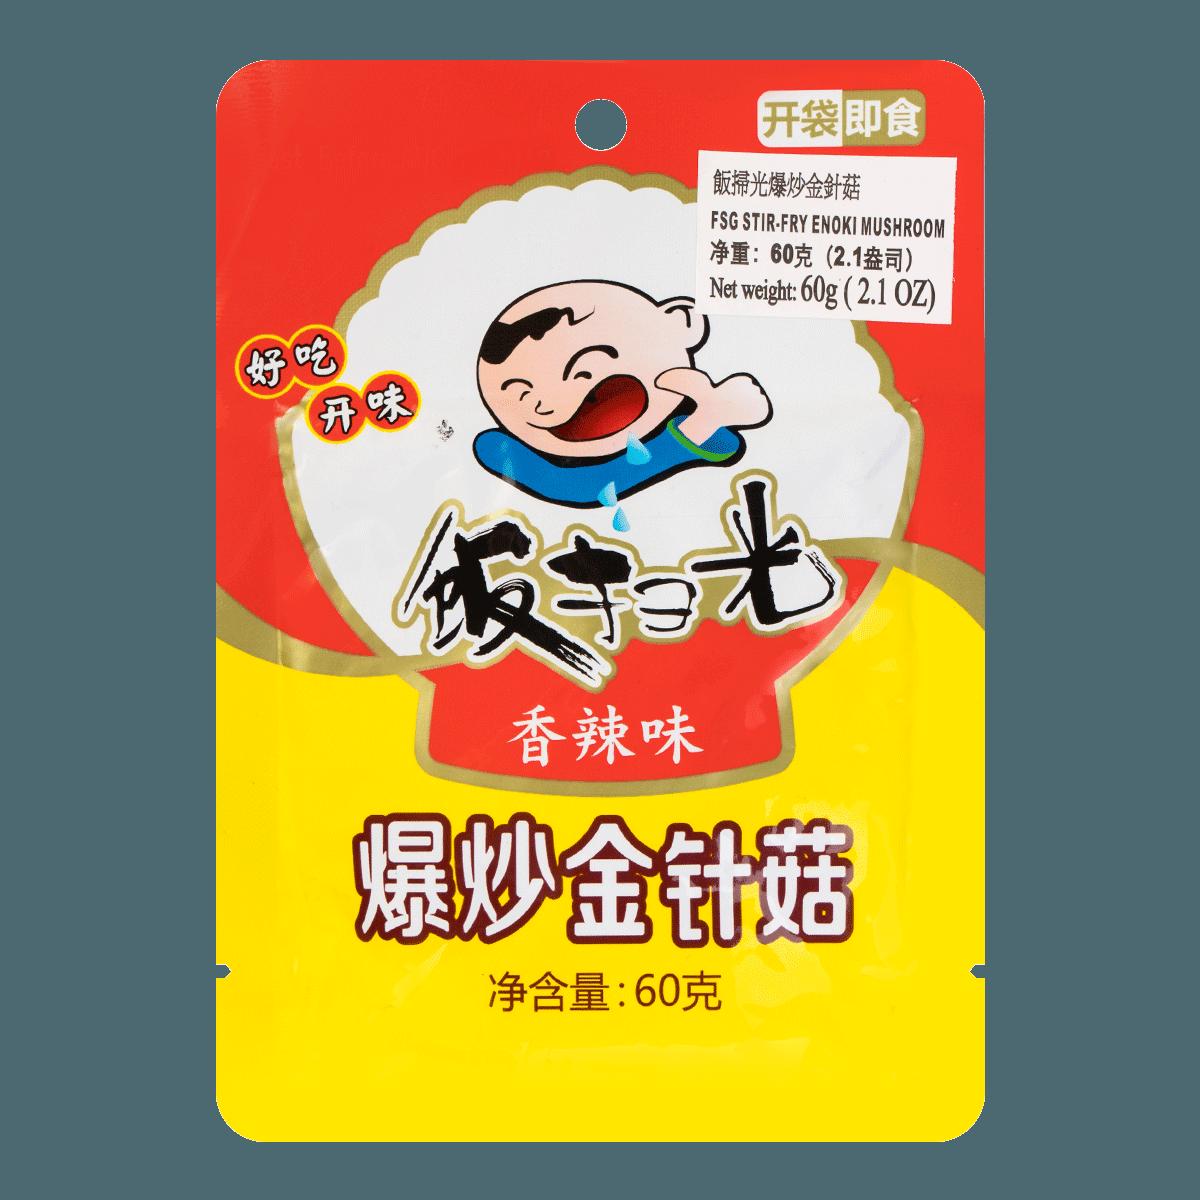 四川高福记 饭扫光 爆炒金针菇下饭菜 香辣味 60g